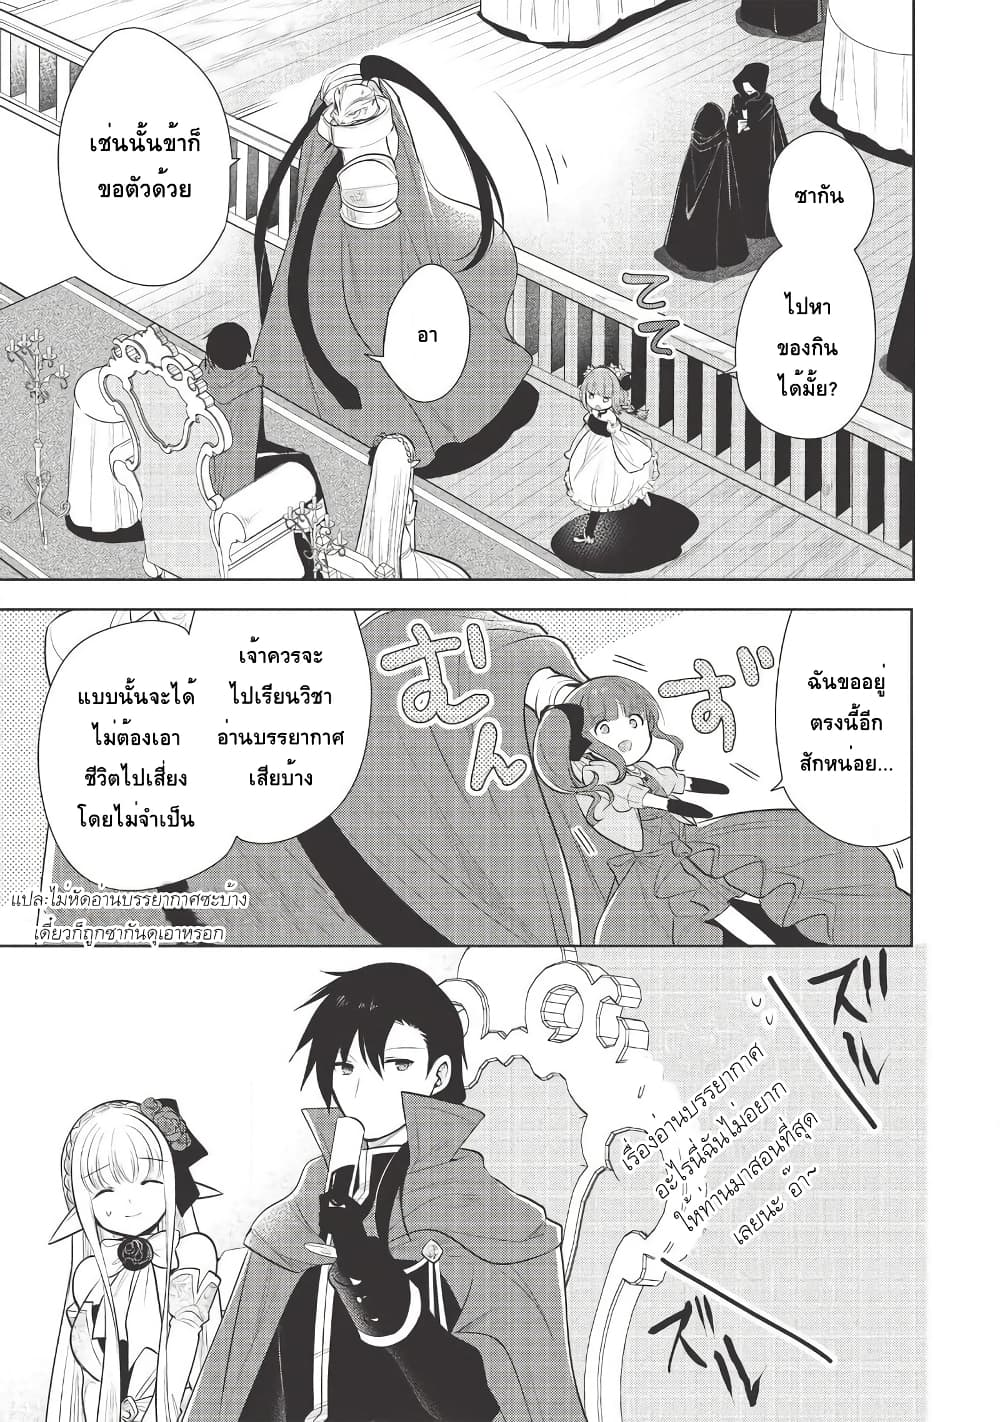 อ่านการ์ตูน Maou no Ore ga Dorei Elf wo Yome ni Shitanda ga Dou Medereba Ii ตอนที่ 29 หน้าที่ 3